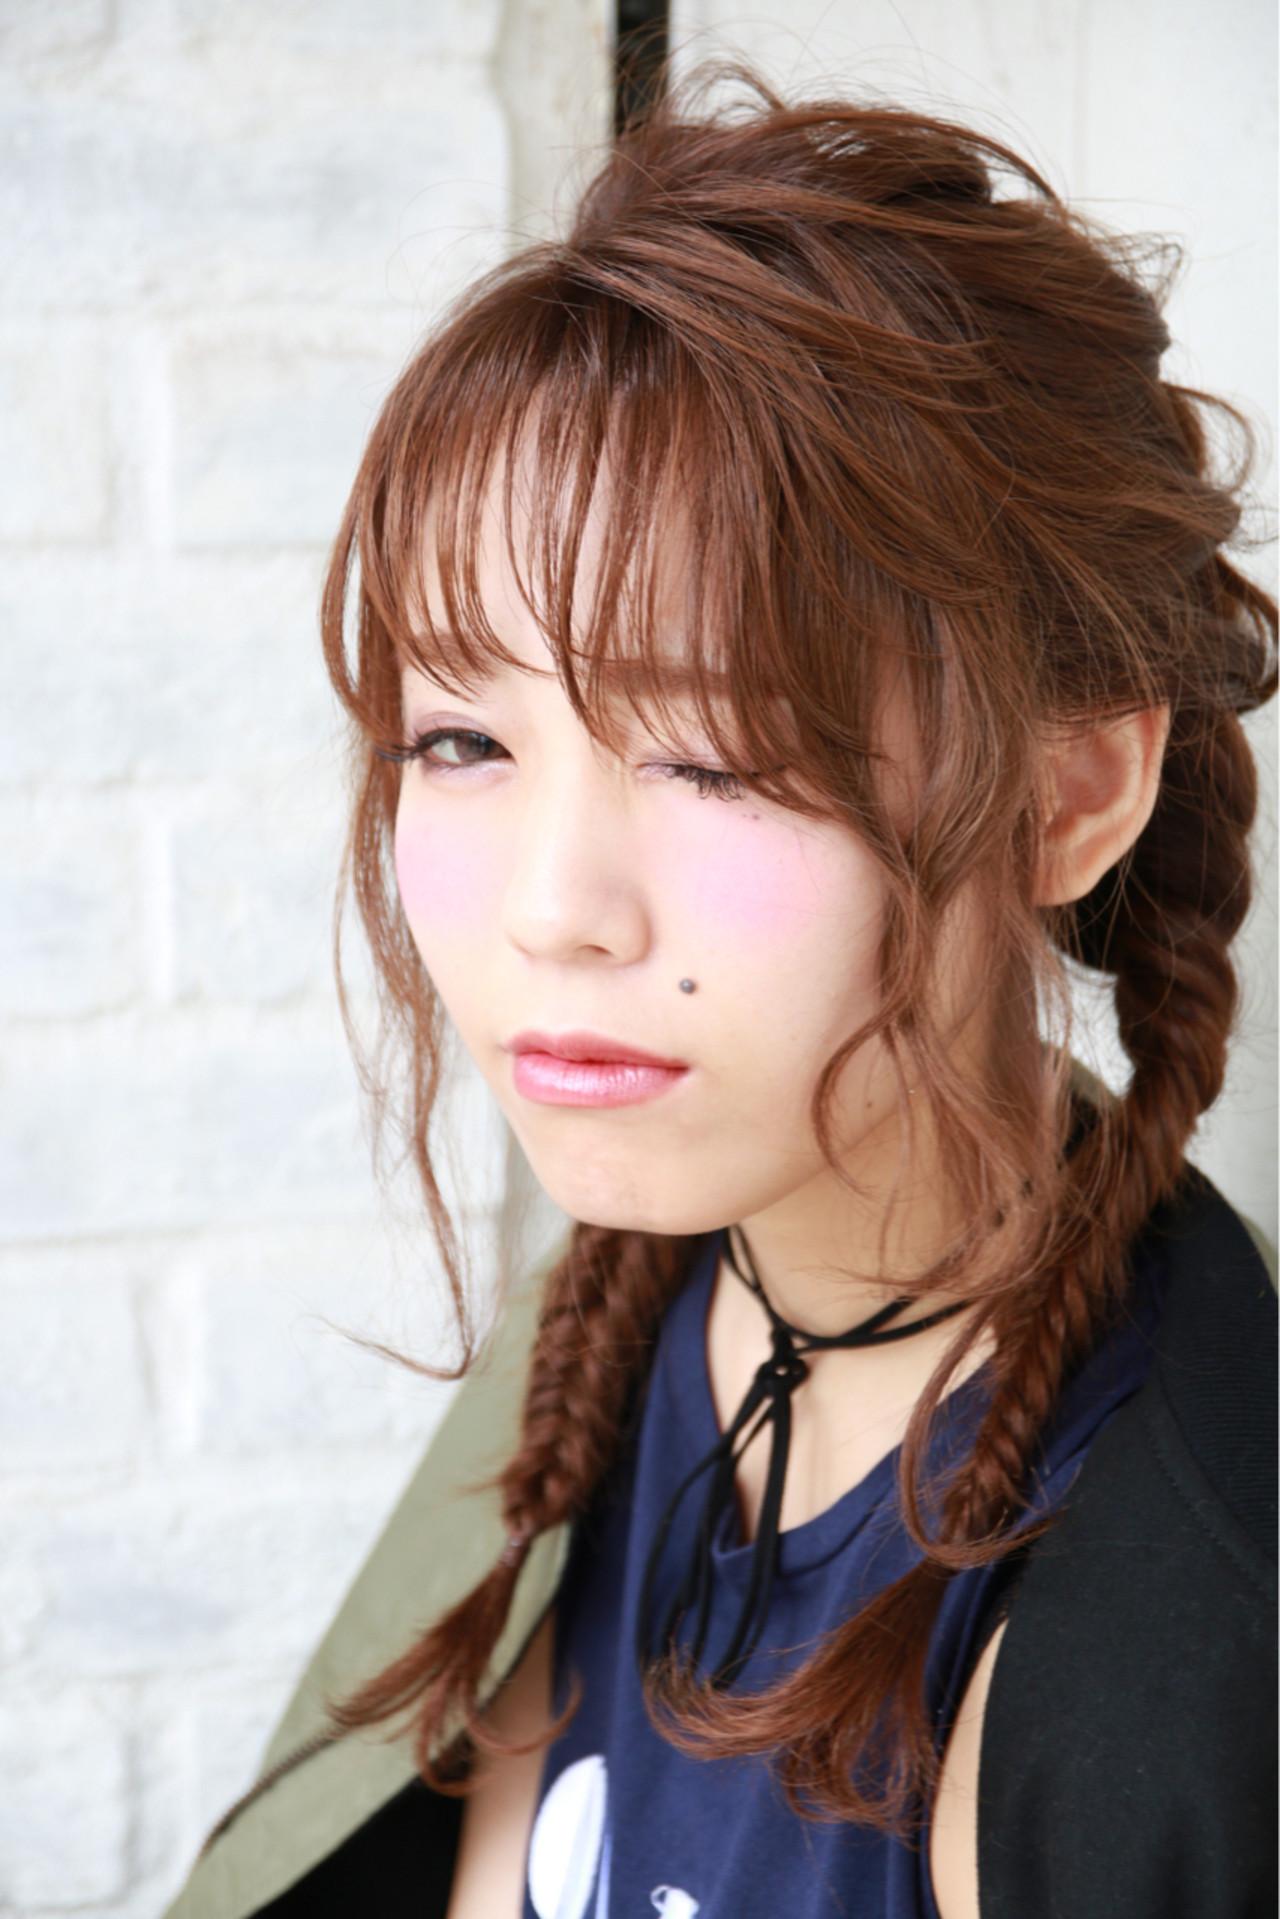 簡単ヘアアレンジ ヘアアレンジ セミロング シースルーバング ヘアスタイルや髪型の写真・画像